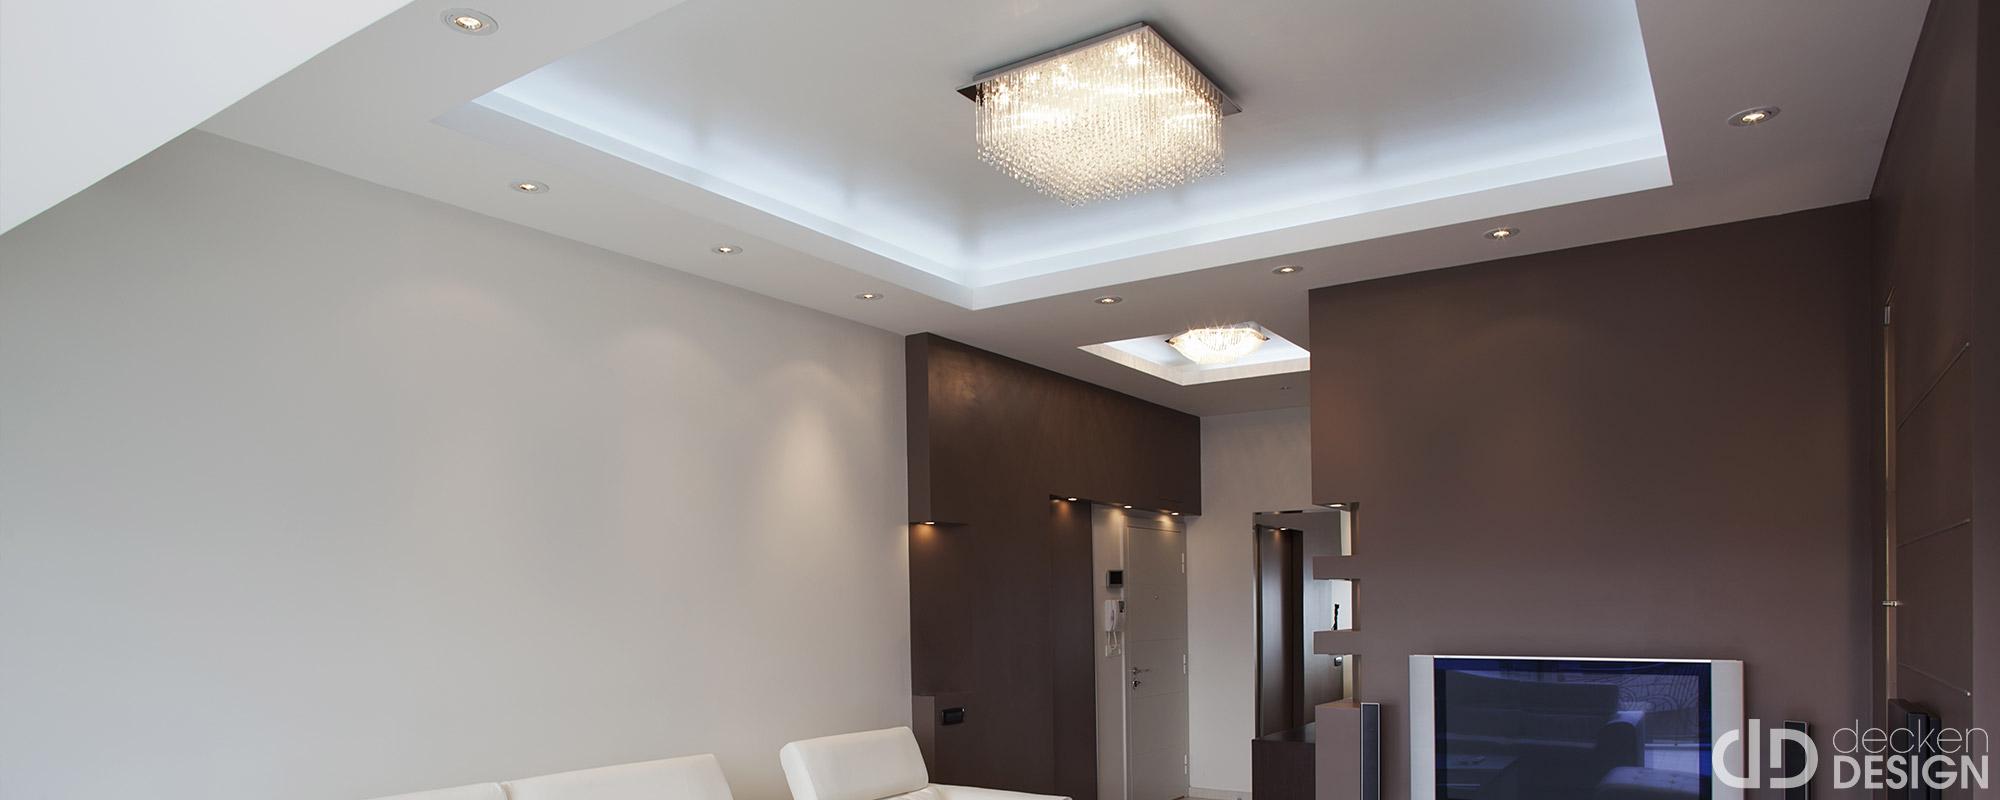 spanndecken decken design ag stuttgart und waiblingen. Black Bedroom Furniture Sets. Home Design Ideas